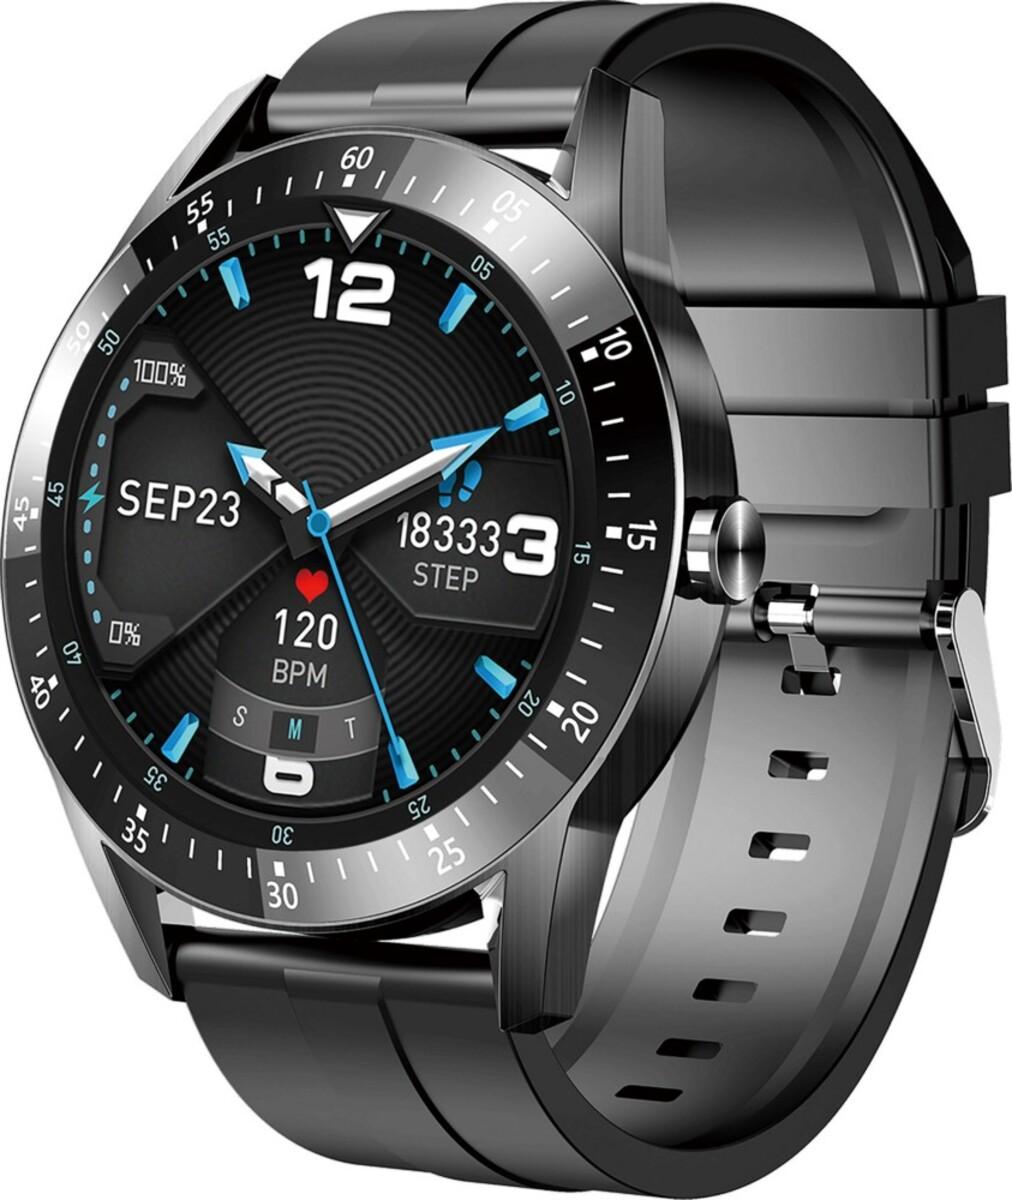 Bild 1 von Jay-Tech Smartwatch SWS11 Schwarz